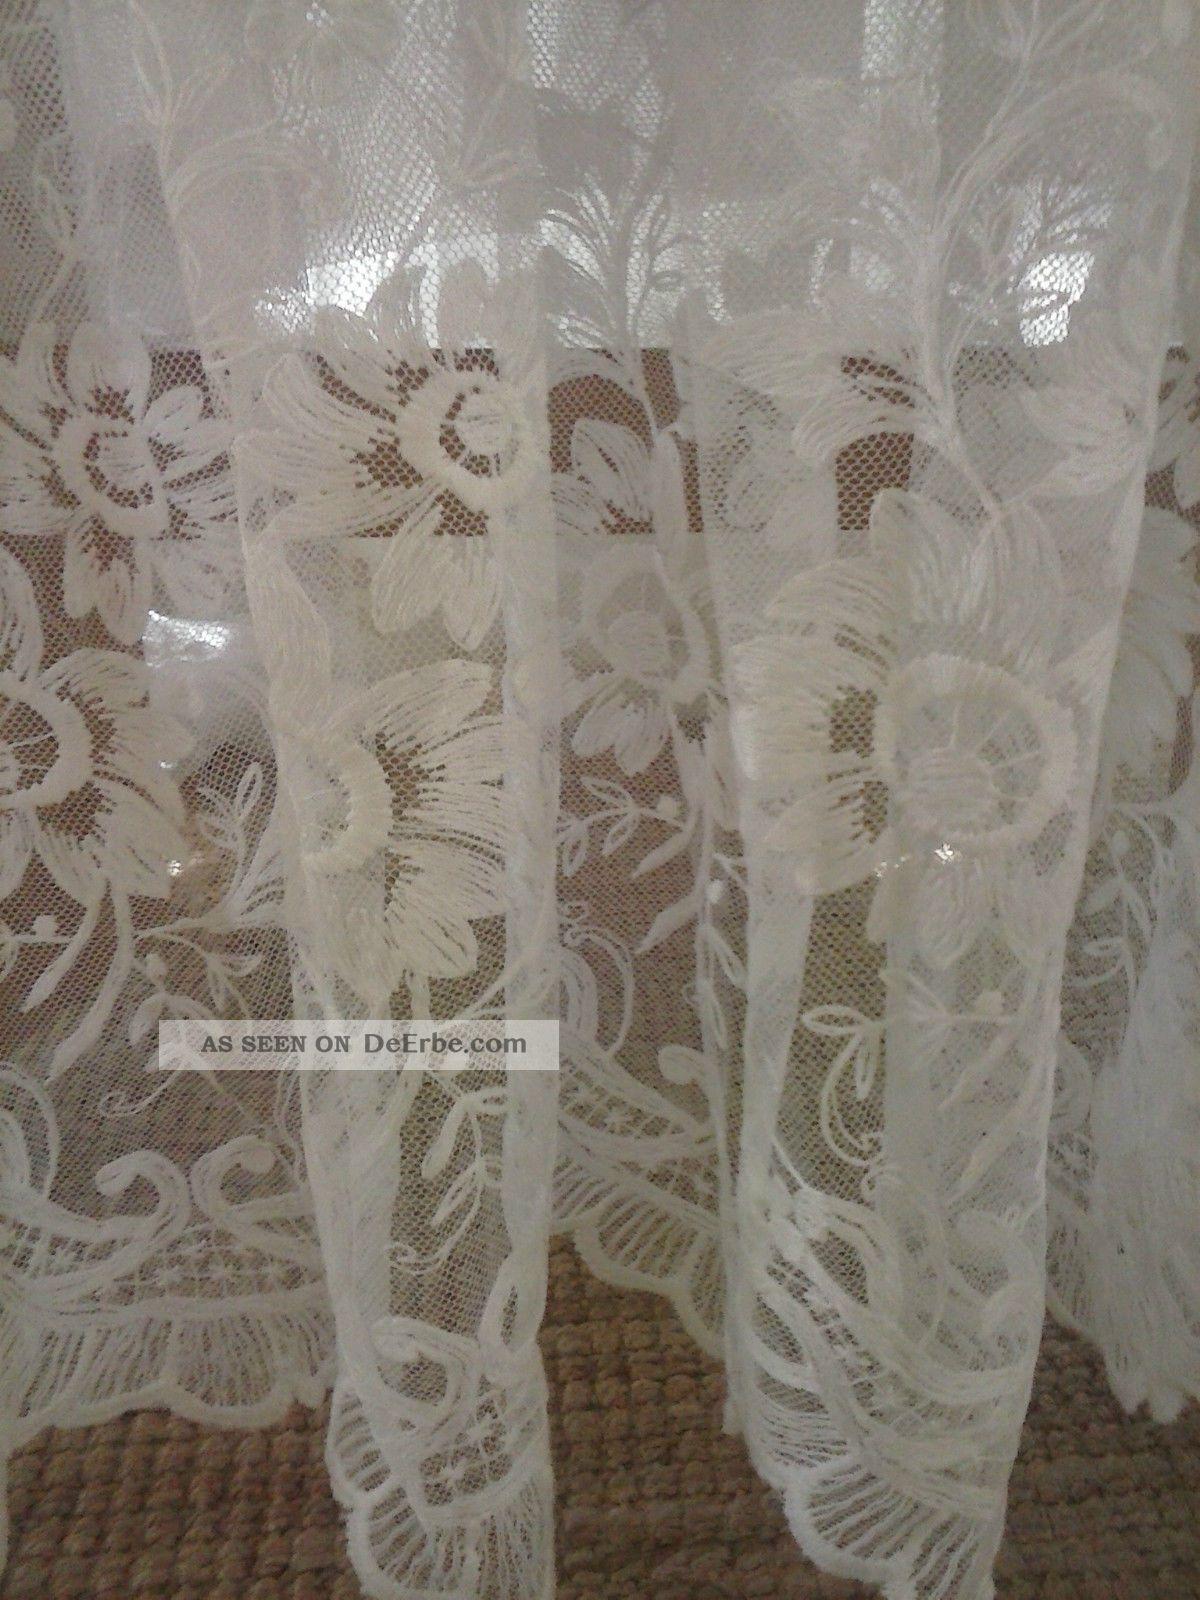 Haushalt   Textilien & Weißwäsche   Gardinen & Behänge   Antiquitäten